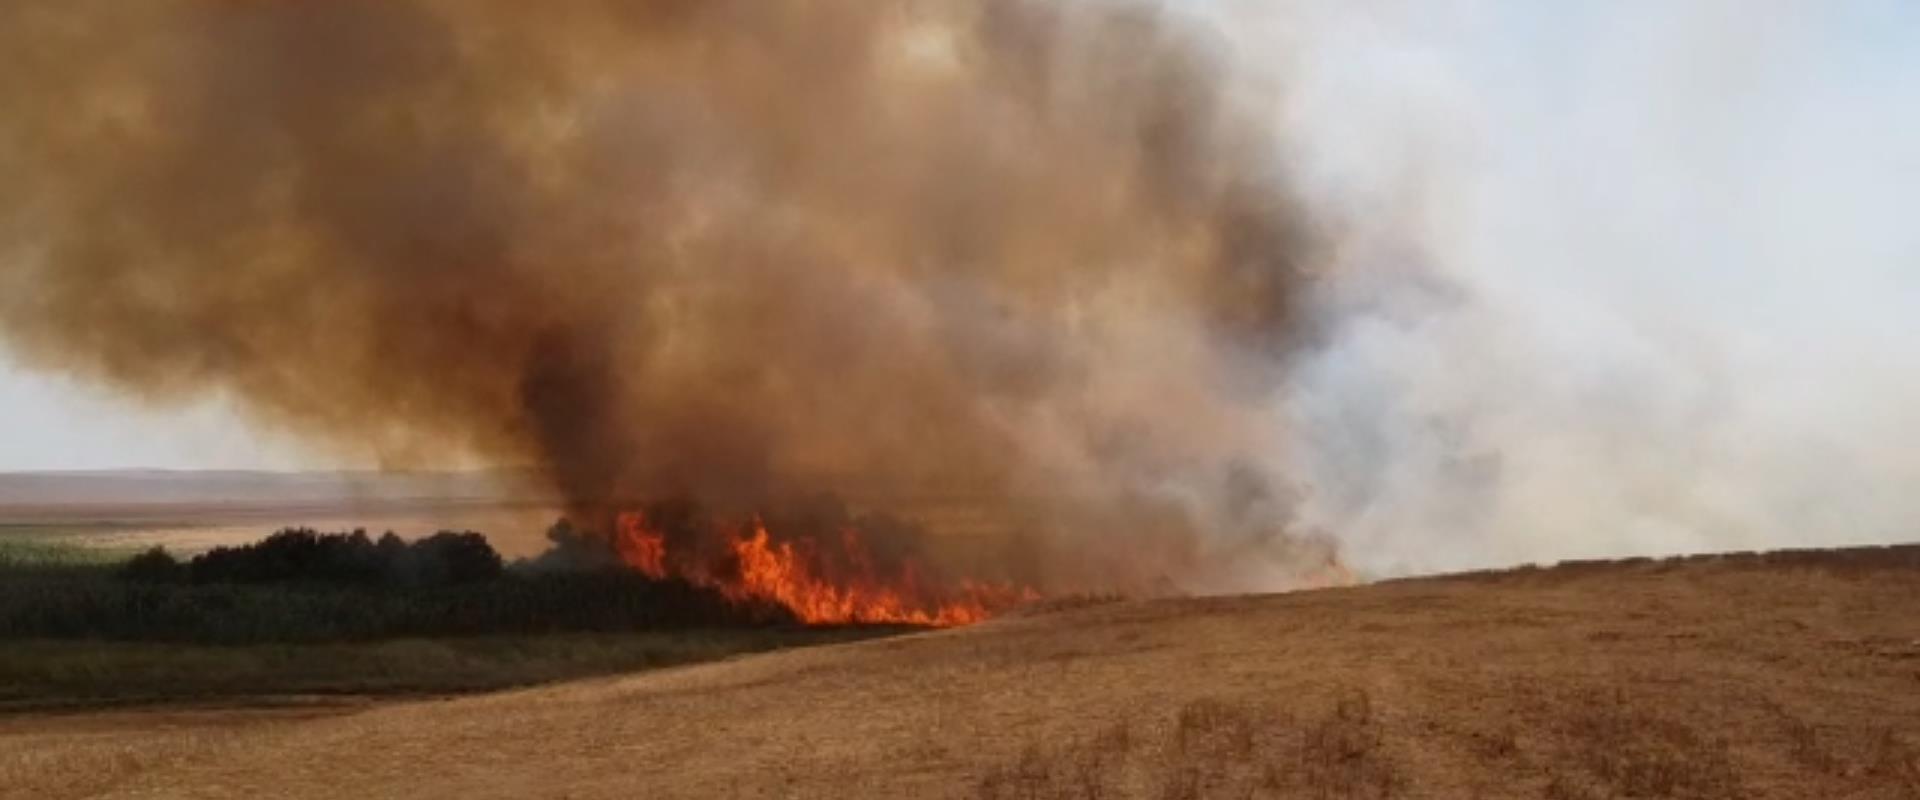 שריפה במועצה האזורית אשכול, היום